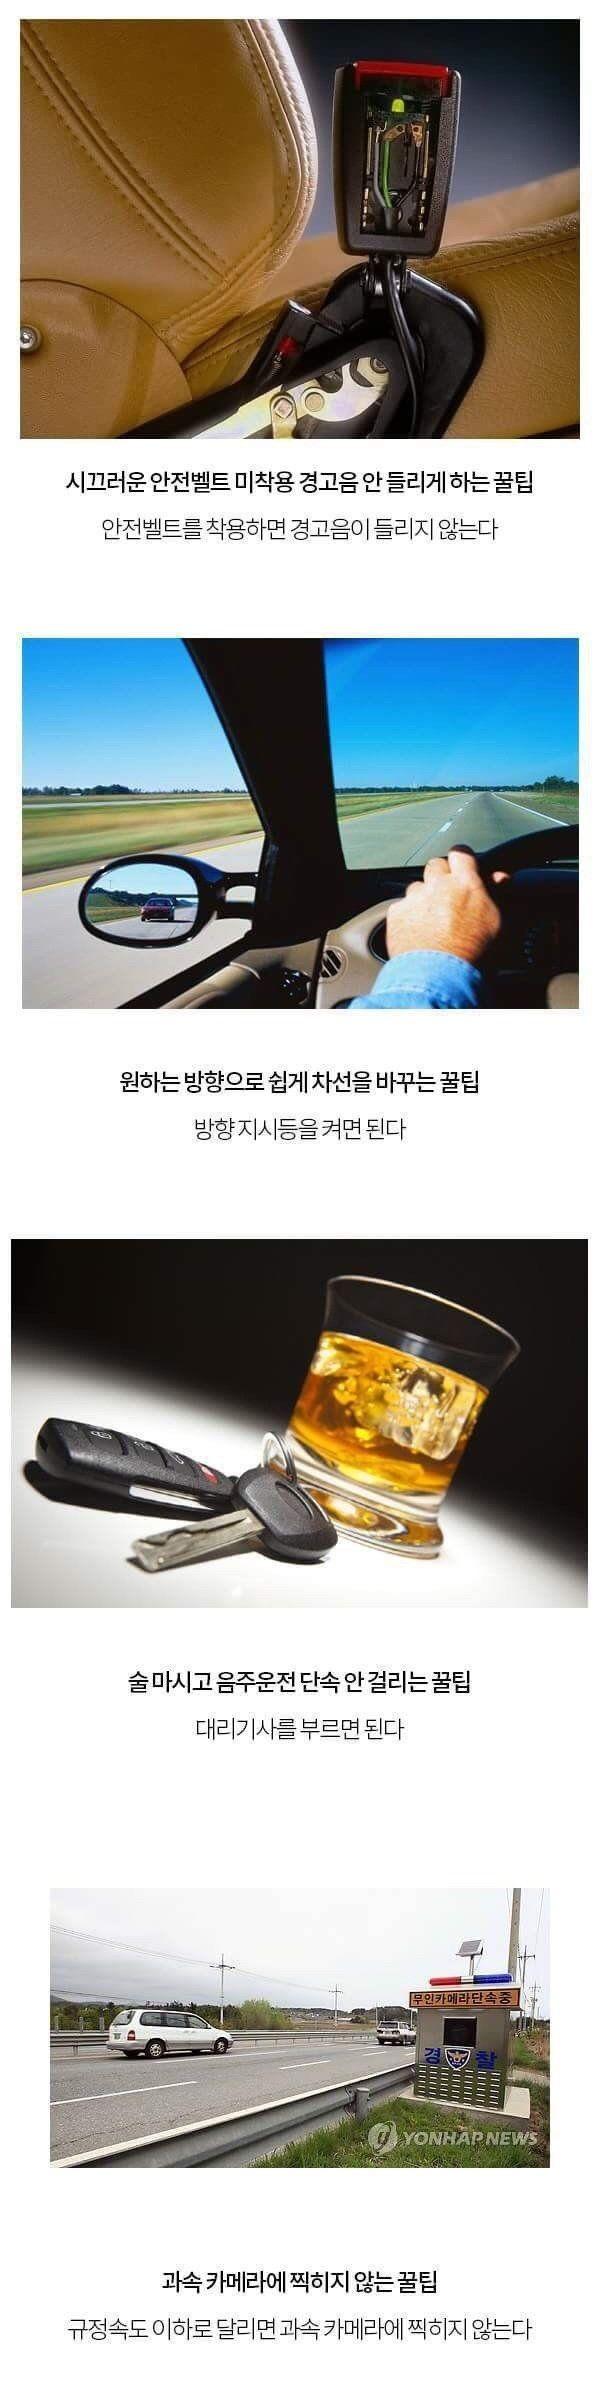 안전벨트 미착 고음 꿀팁 안전벨트 착용 고음 방향 차선 꿀팁 방향 음주운전 단속 꿀팁 대리 기사